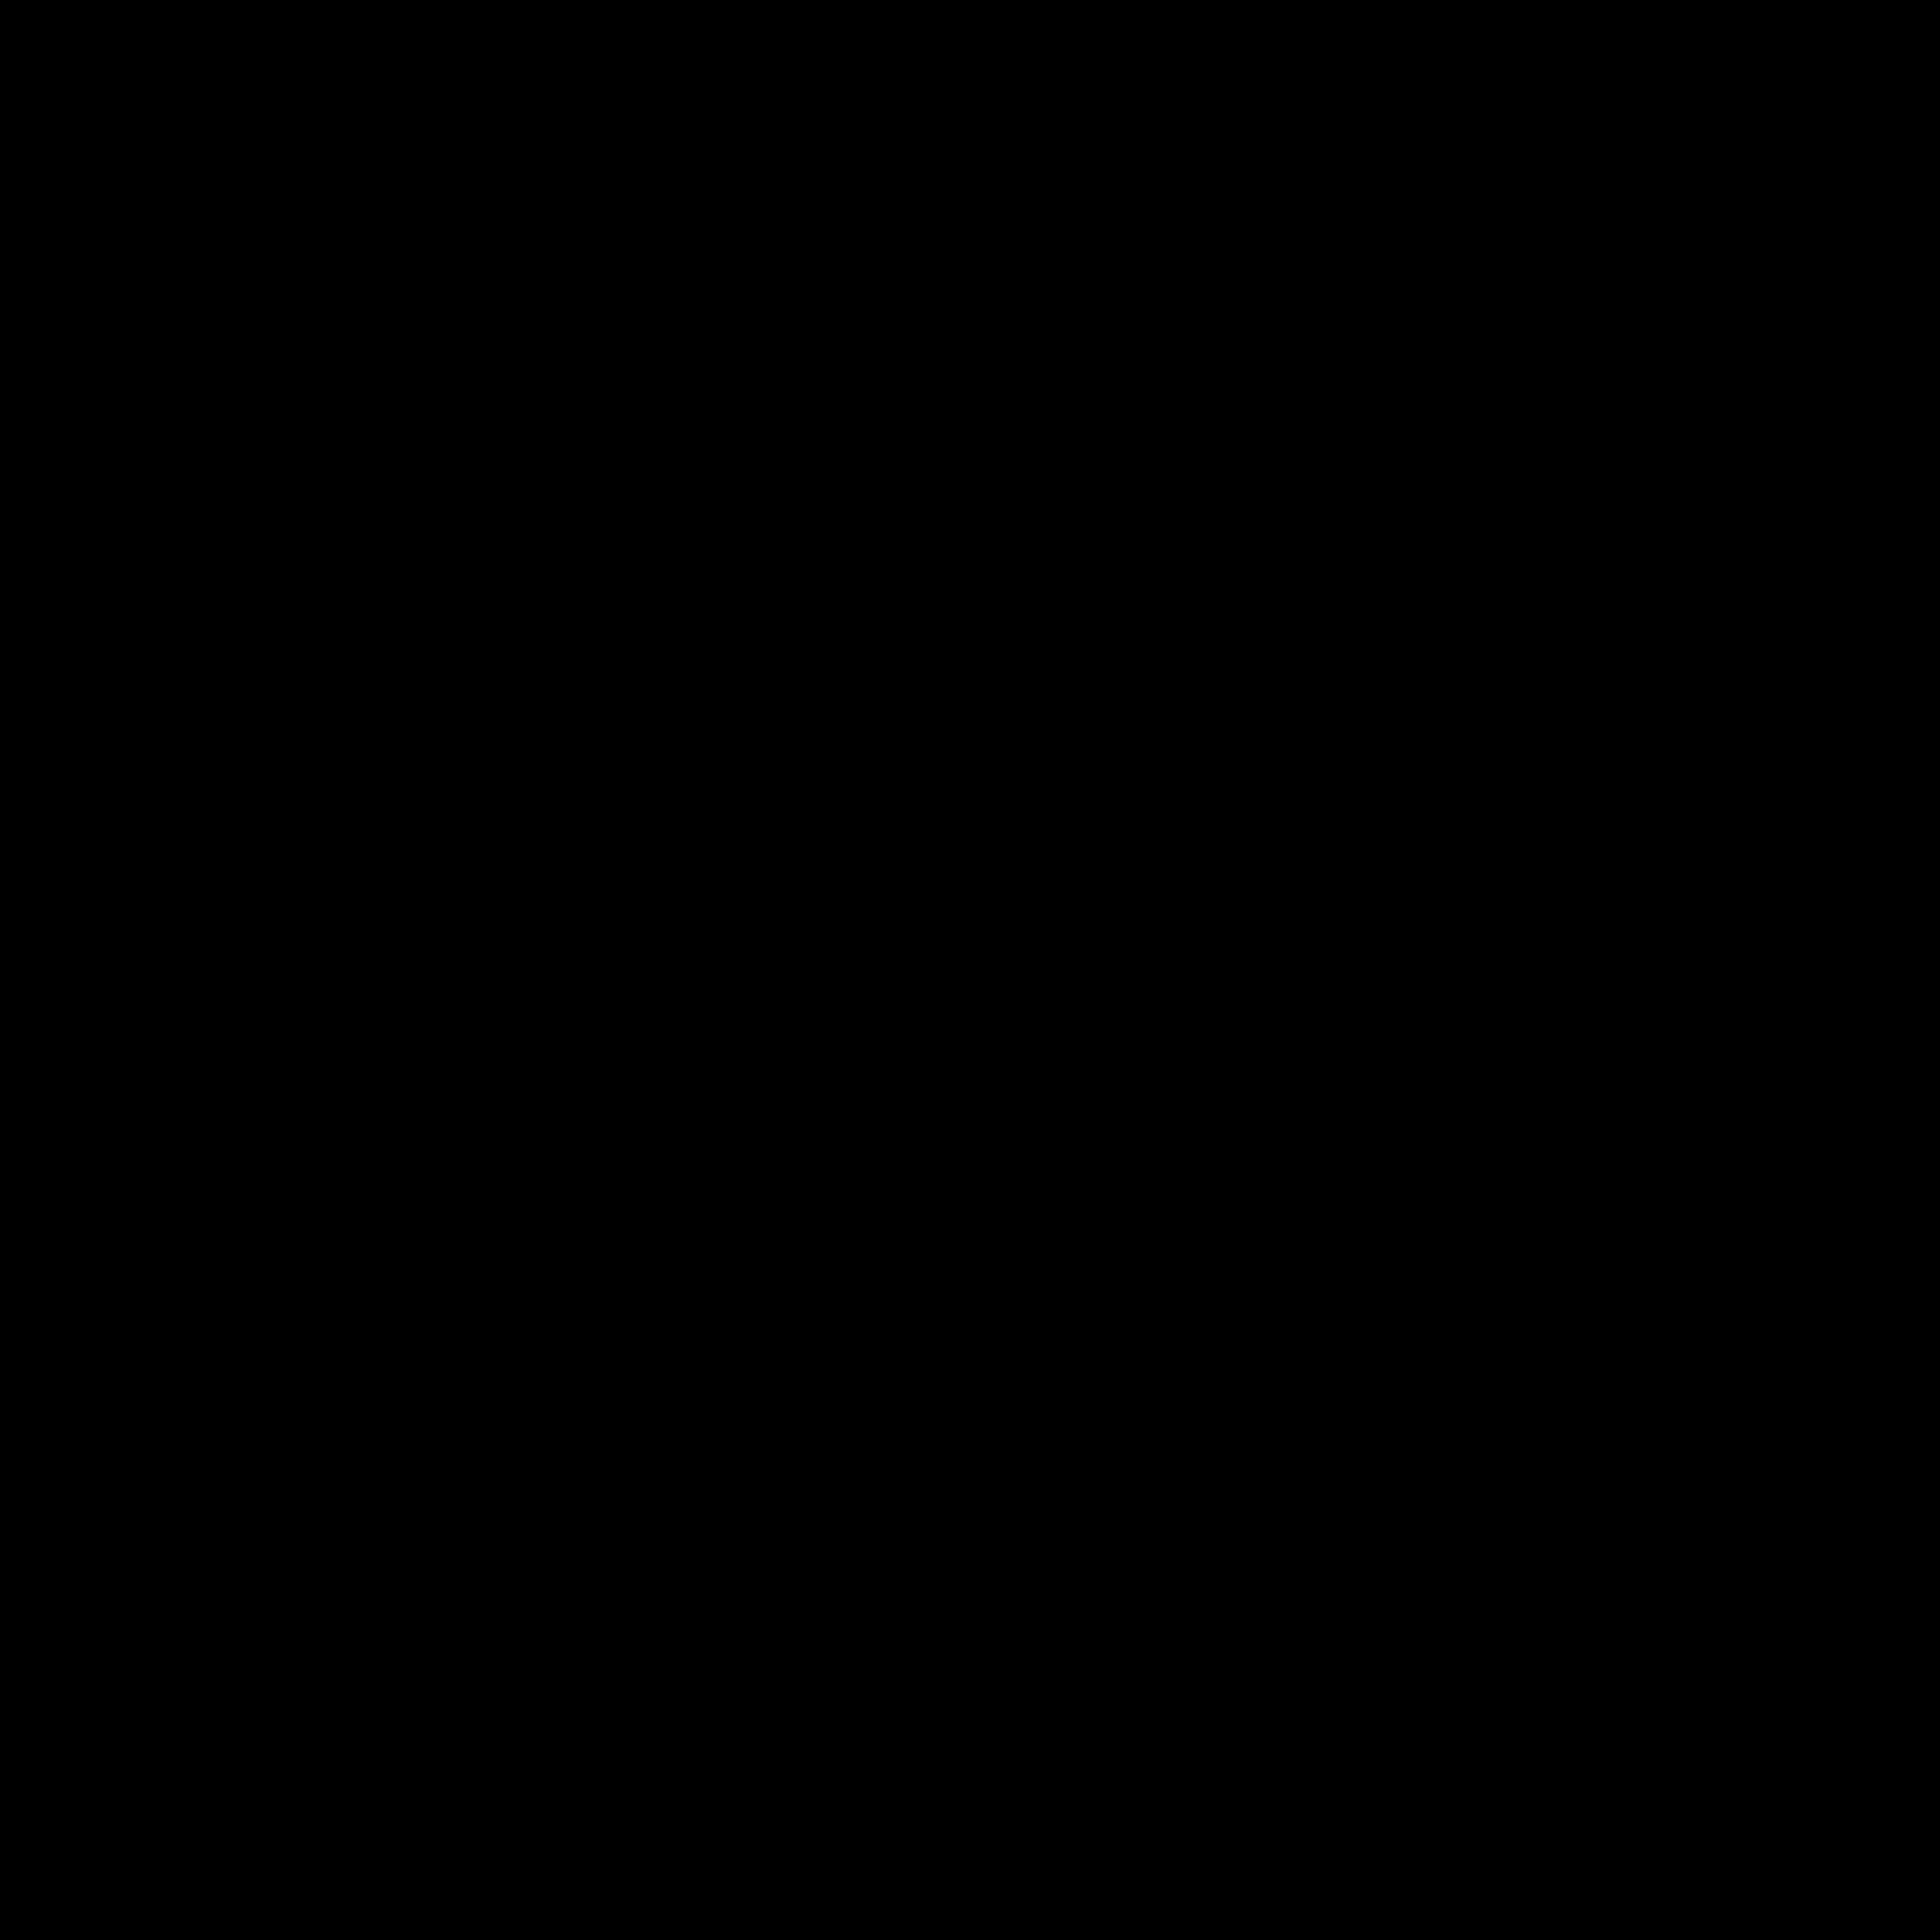 idx6SA.png